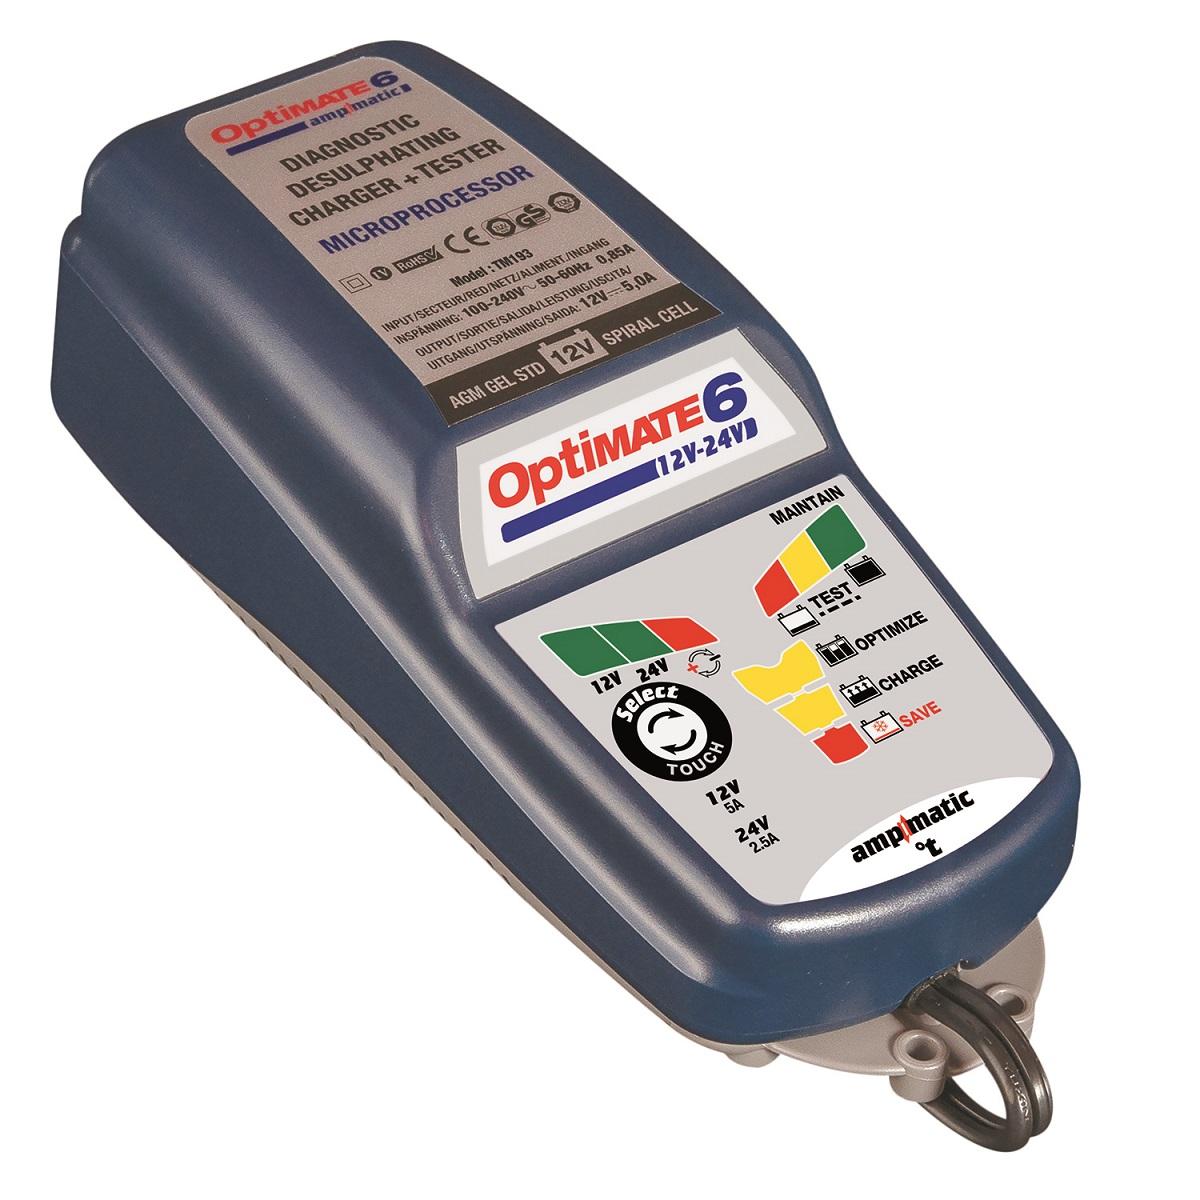 Зарядное устройство OptiMate 6, 12/24V. TM194TM194Многоступенчатое зарядное устройство Optimate от бельгийской компании TecMate с режимами тестирования, восстановления глубокоразряженных аккумуляторных батарей, десульфатации и хранения. Управление автоматическое AmpmaticTM микропроцессор, переключение режимов 12В и 24В сенсорной кнопкой. Заряжает все типы 12В и 24В свинцово-кислотных аккумуляторных батарей, в т.ч. AGM, GEL. Защита от короткого замыкания, переполюсовки, искрообразования, перегрева. Оптимизирует срок службы и здоровье аккумуляторной батареи. Гарантия 3 года (замена на новое изделие). Влагозащищенный корпус. Рекомендовано 10-ю ведущими производителями мототехники. Optimate 6 рекомендуется для АКБ до 240 Ач - 12В, до 100Ач - 24В. Ток заряда: 0,4-5,0А для 12В; 0,4-2,5А для 24В. Старт зарядки АКБ от 0,5В. Температурный режим: -40...+40°С. В комплект устройства входят аксессуары: O11 кольцевой разъем постоянного подключения и O4 зажимы типа крокодил.